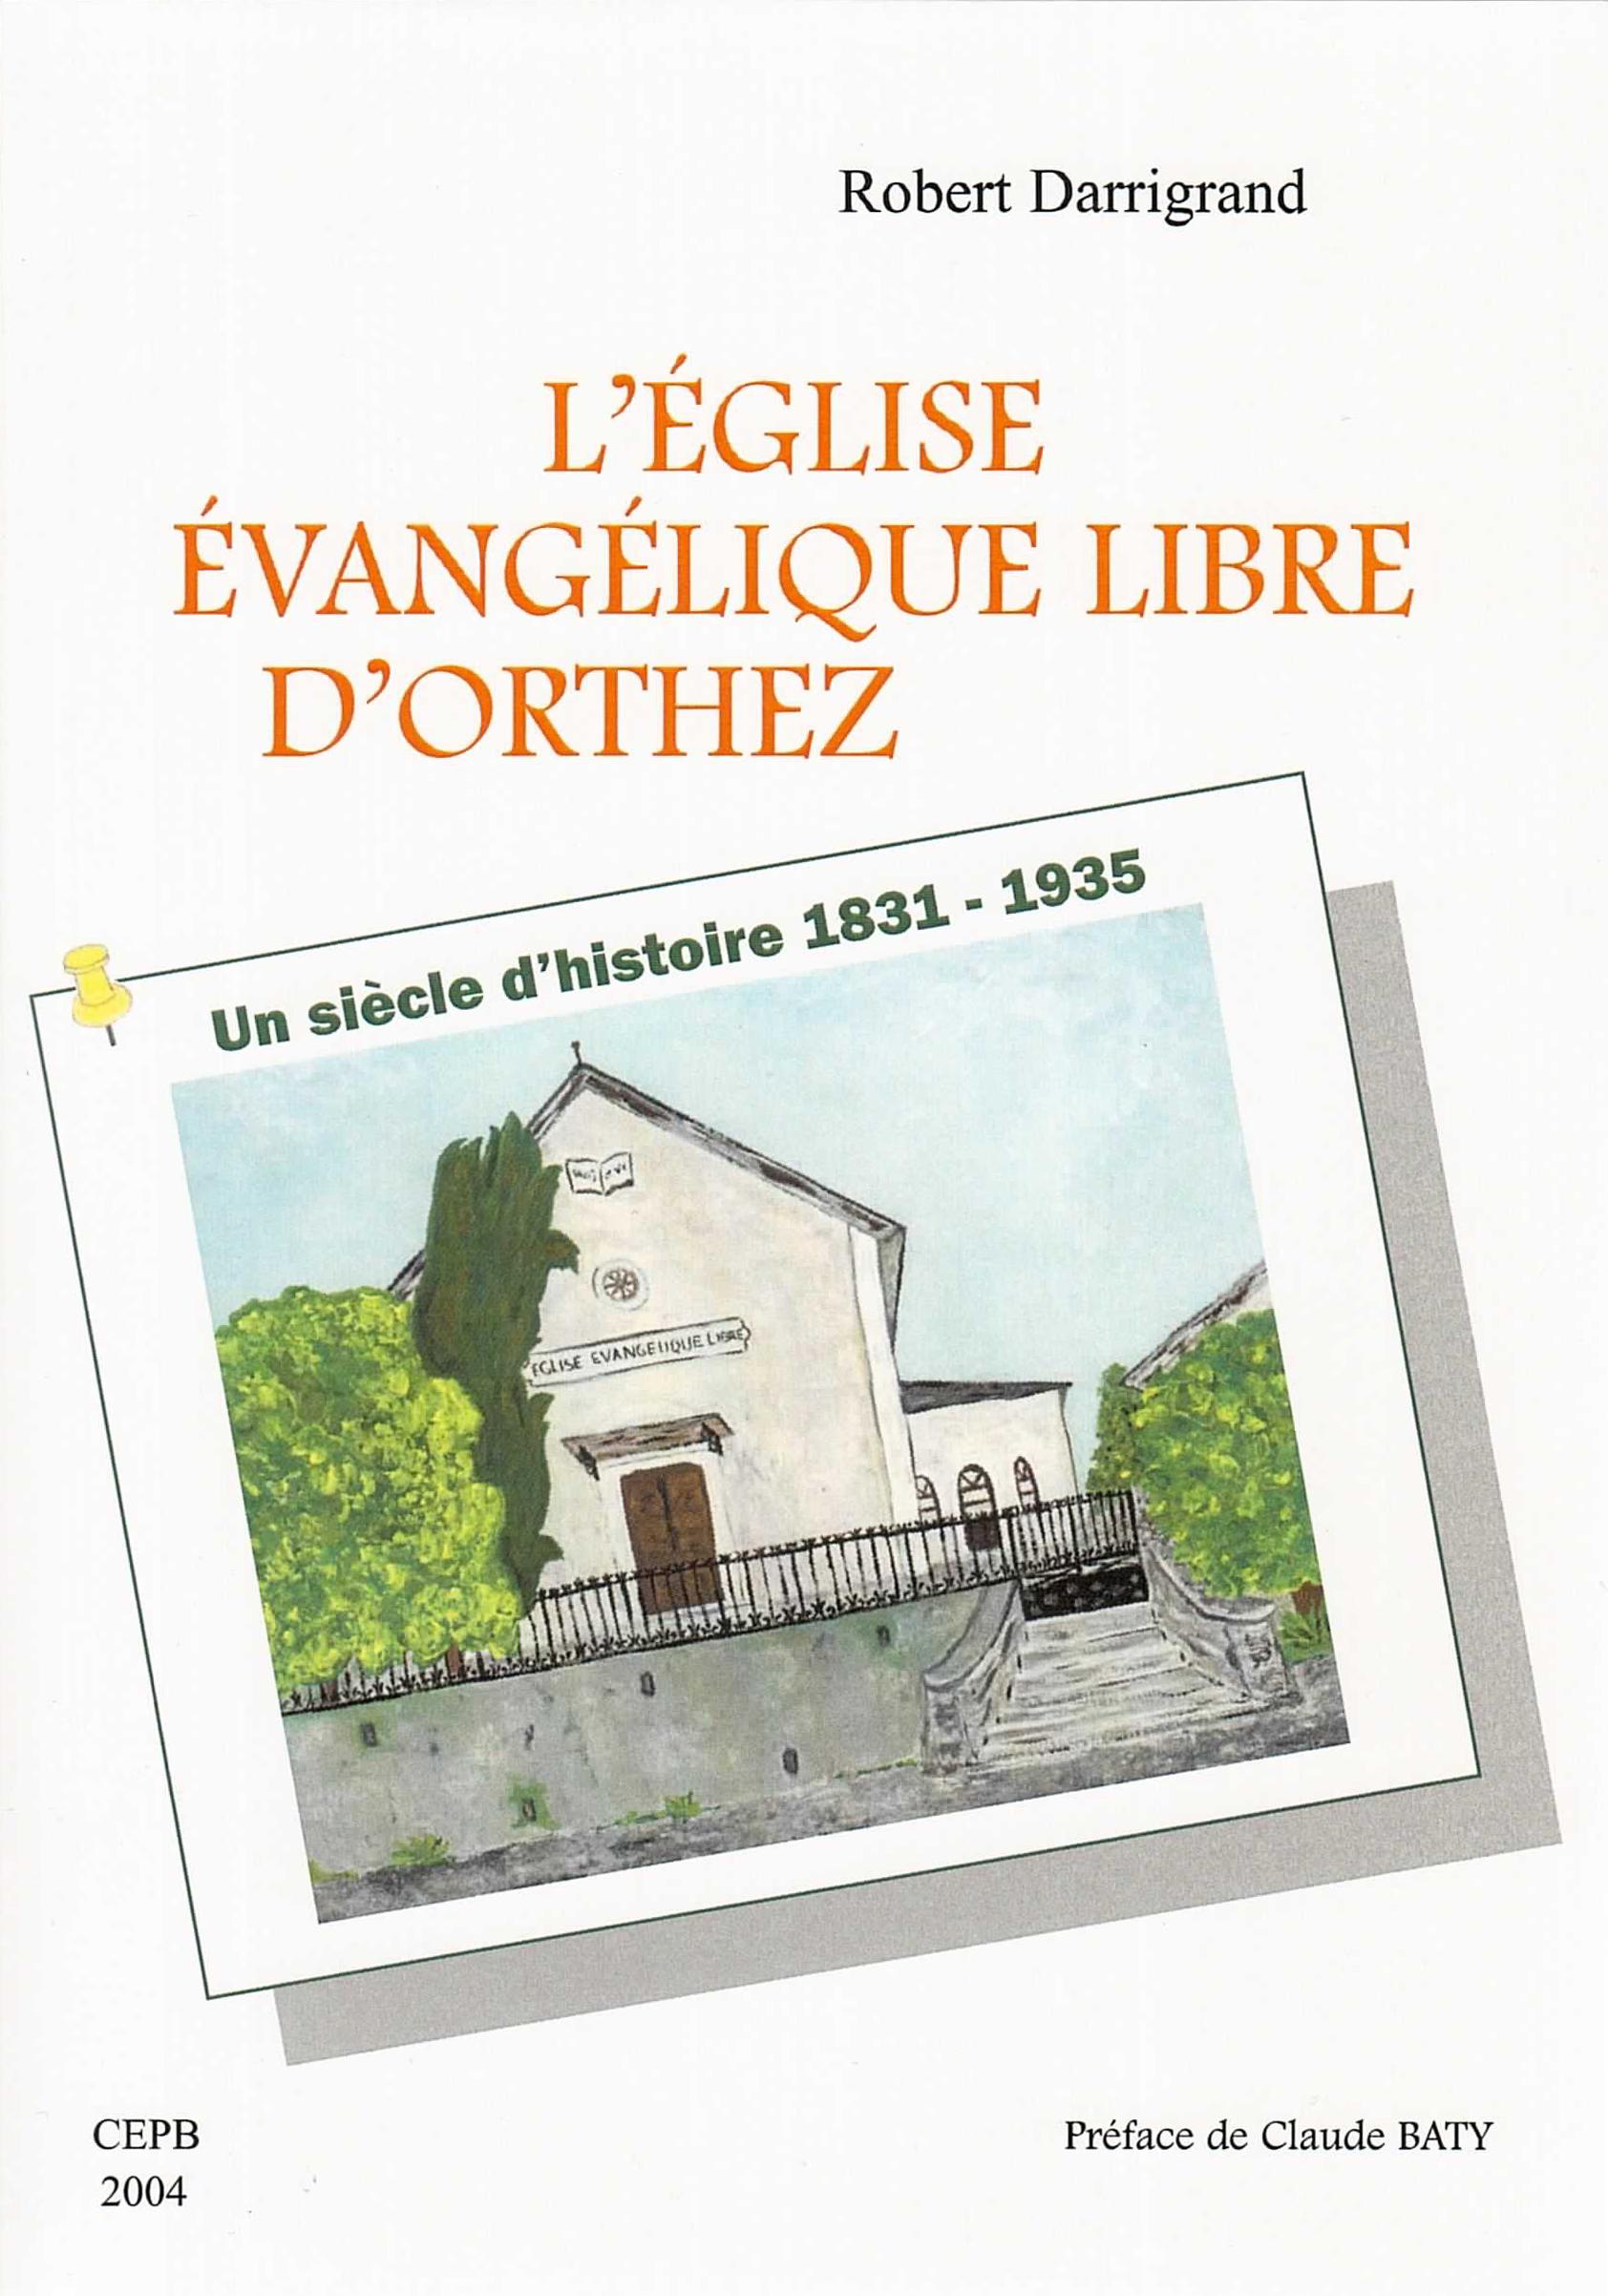 L'Eglise Evangélique Libre d'Orthez - Robert Darrigrand